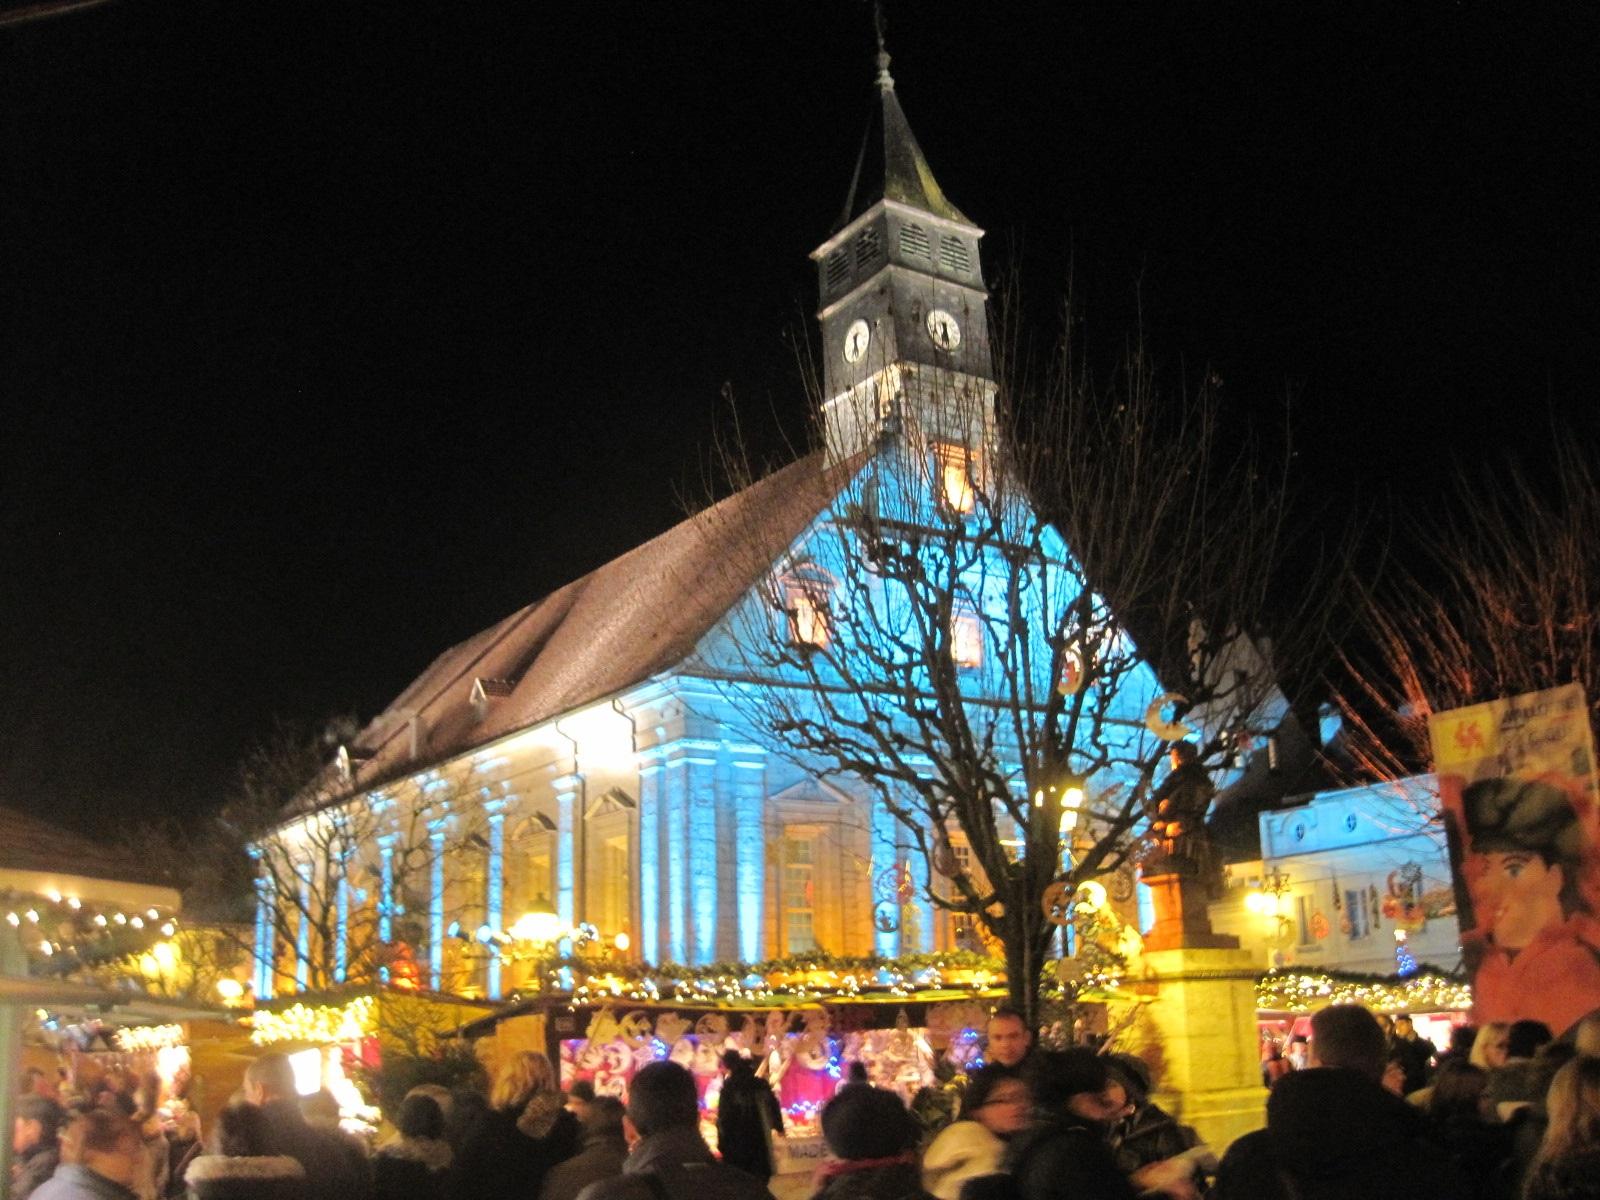 Les pays de Savoie seront invités d'honneur de cette année 2019 des Lumières de Noël de Montbéliard. (CC BY-SA 3.0)